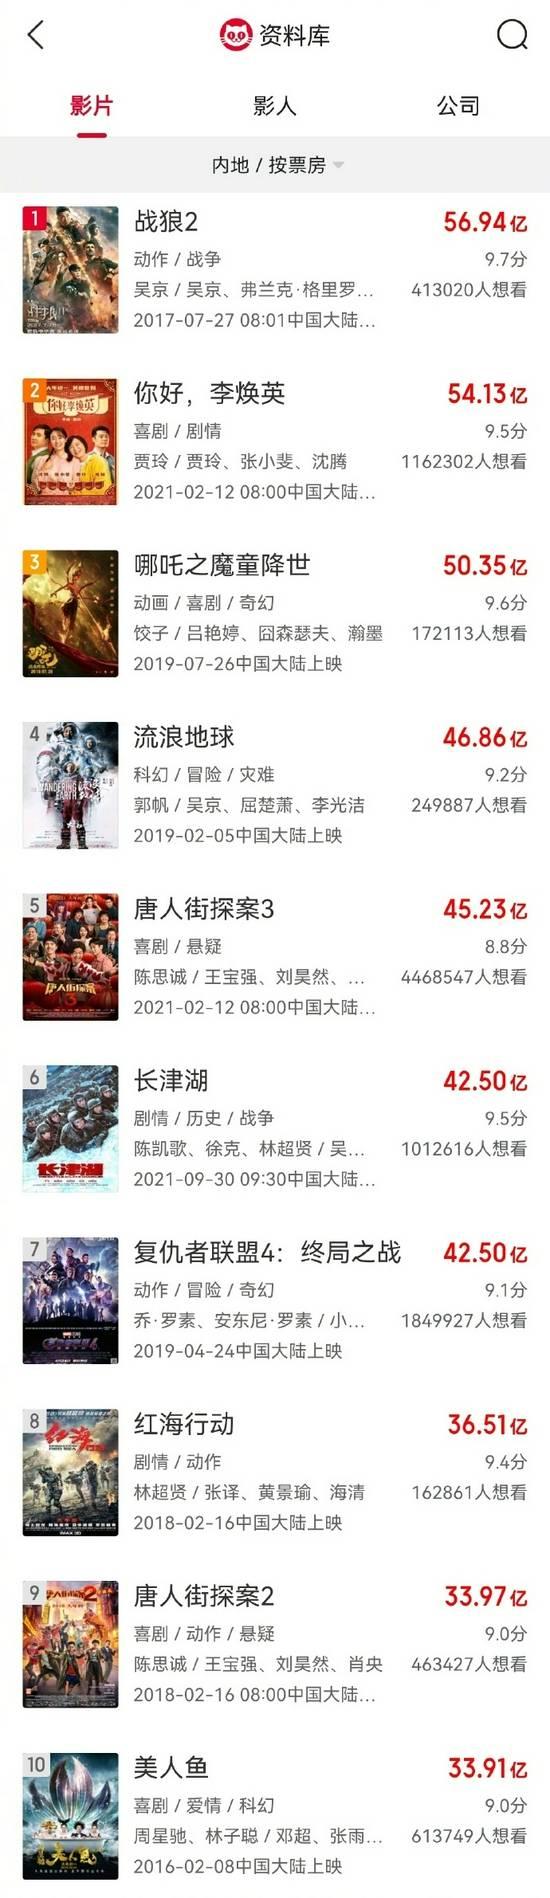 42.5亿!长津湖票房超复联4